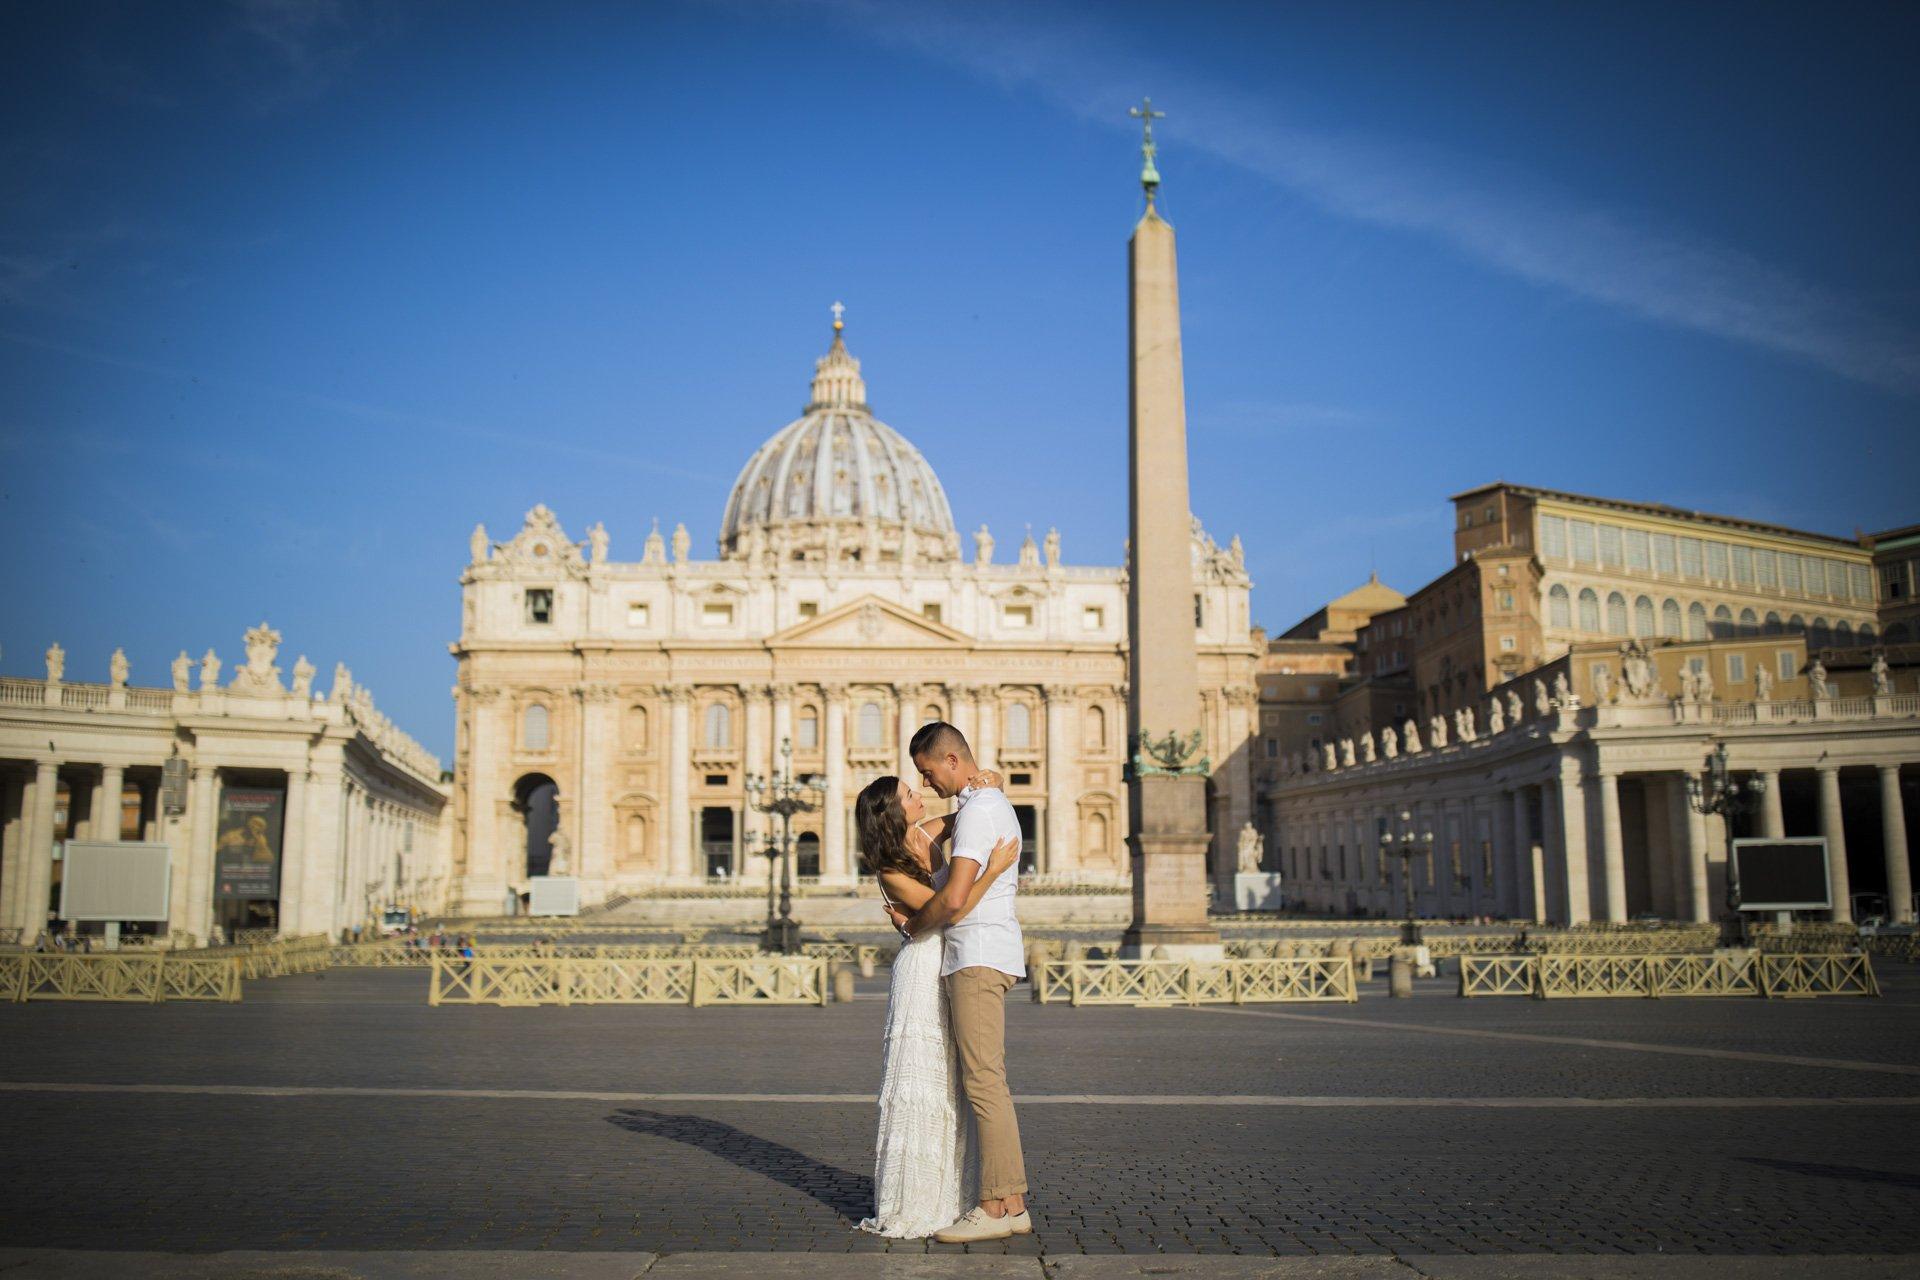 st peter basilica sposi novelli photos